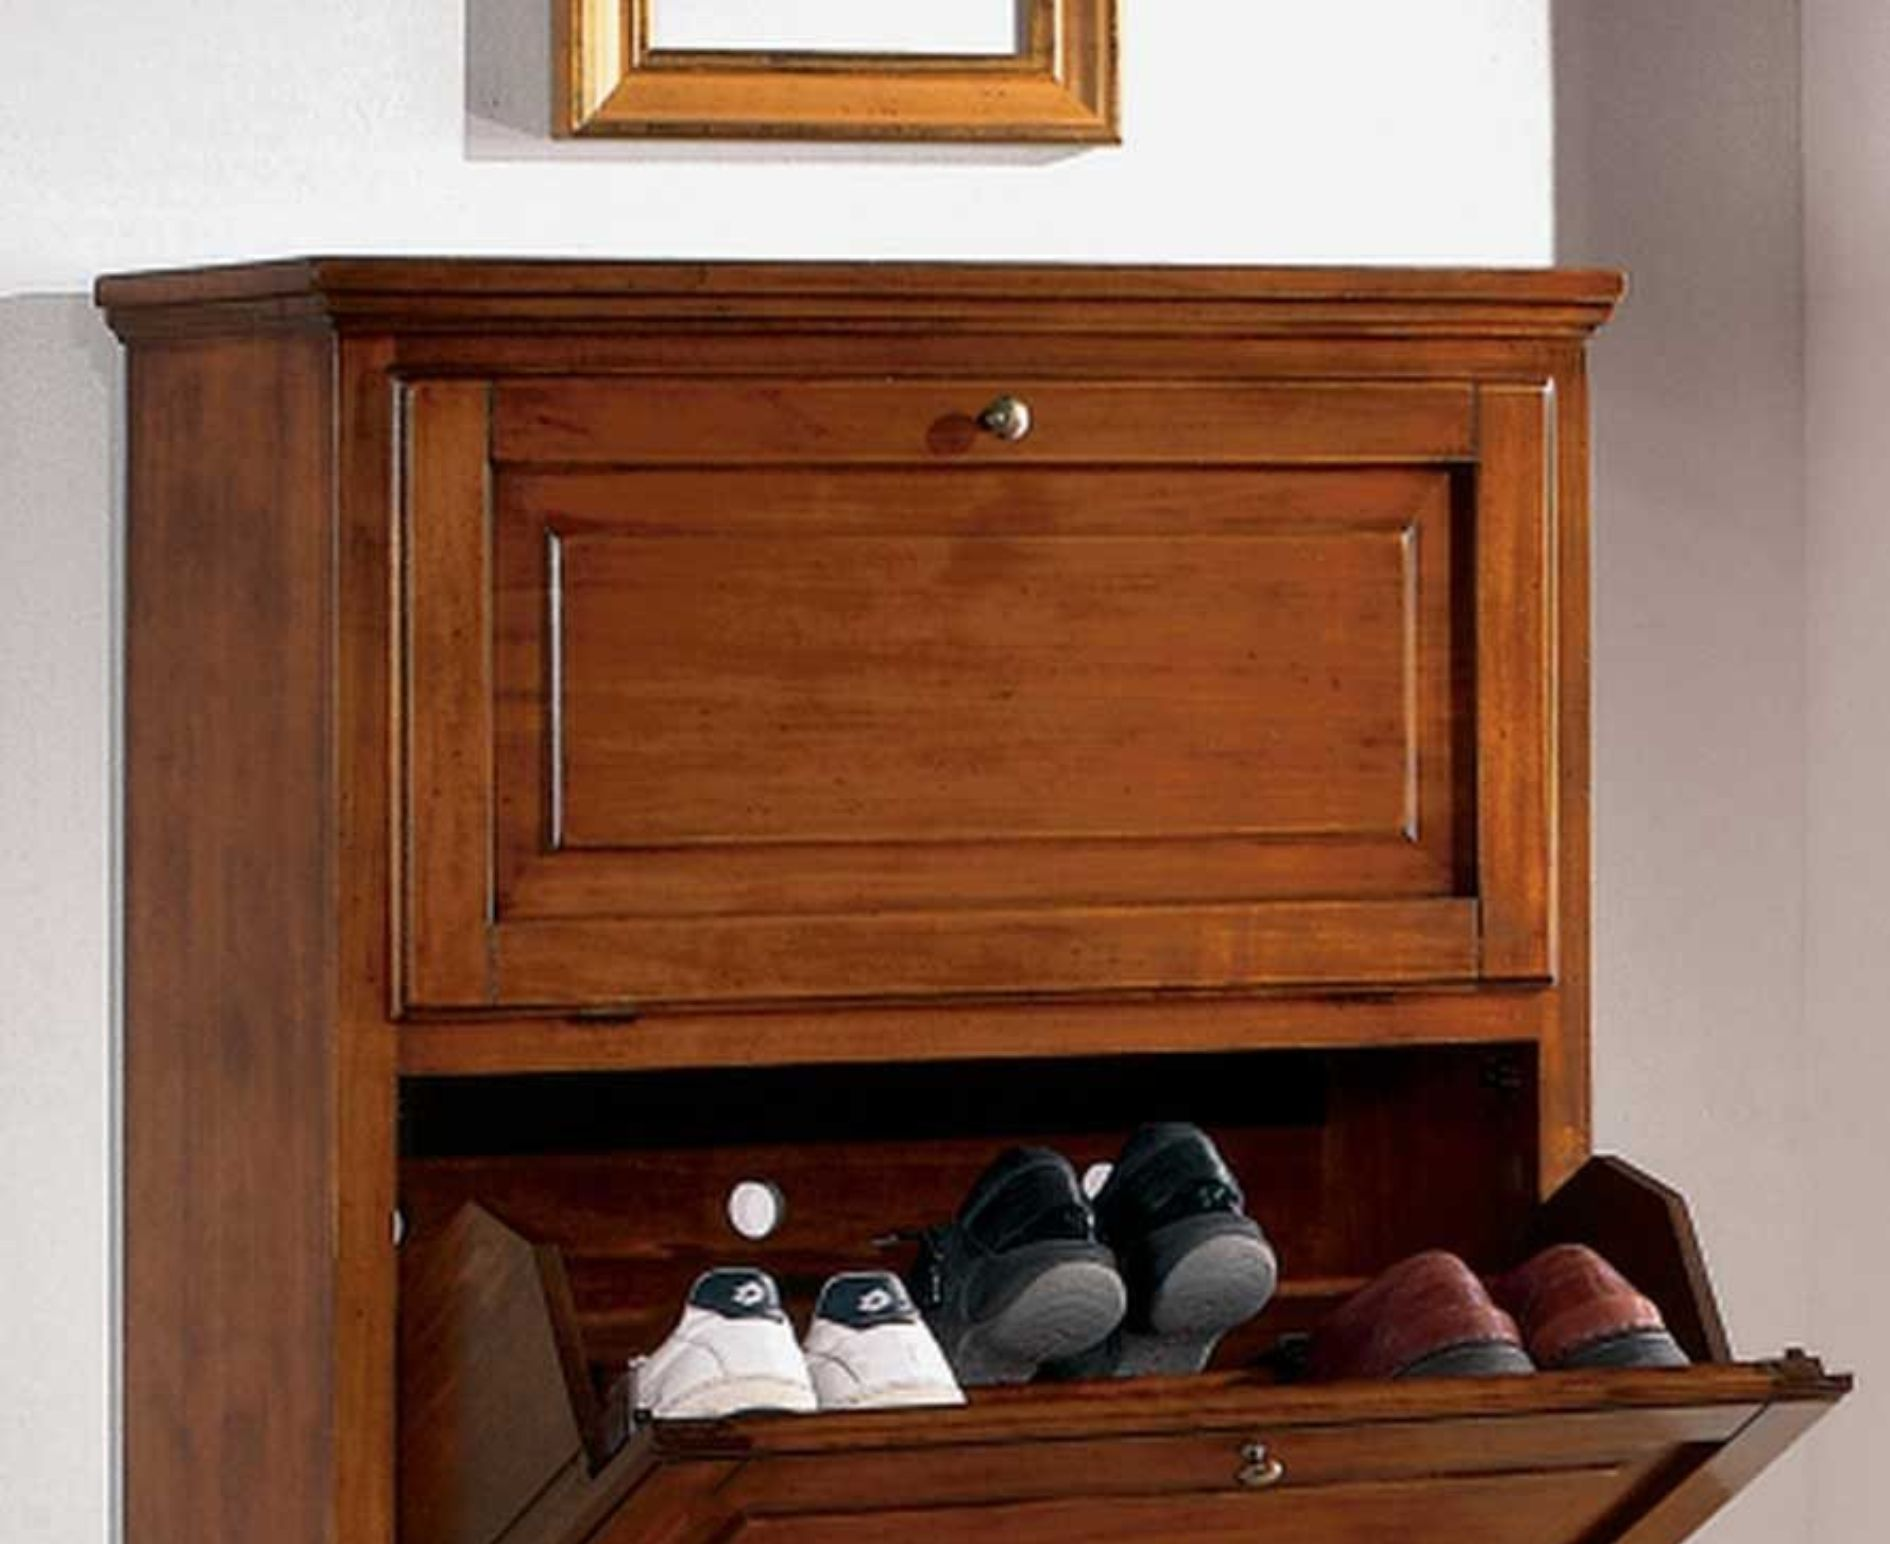 appendiabiti scarpiera arte povera : ART - W 219 - SCARPIERA LEGNO 3 RIBALTE